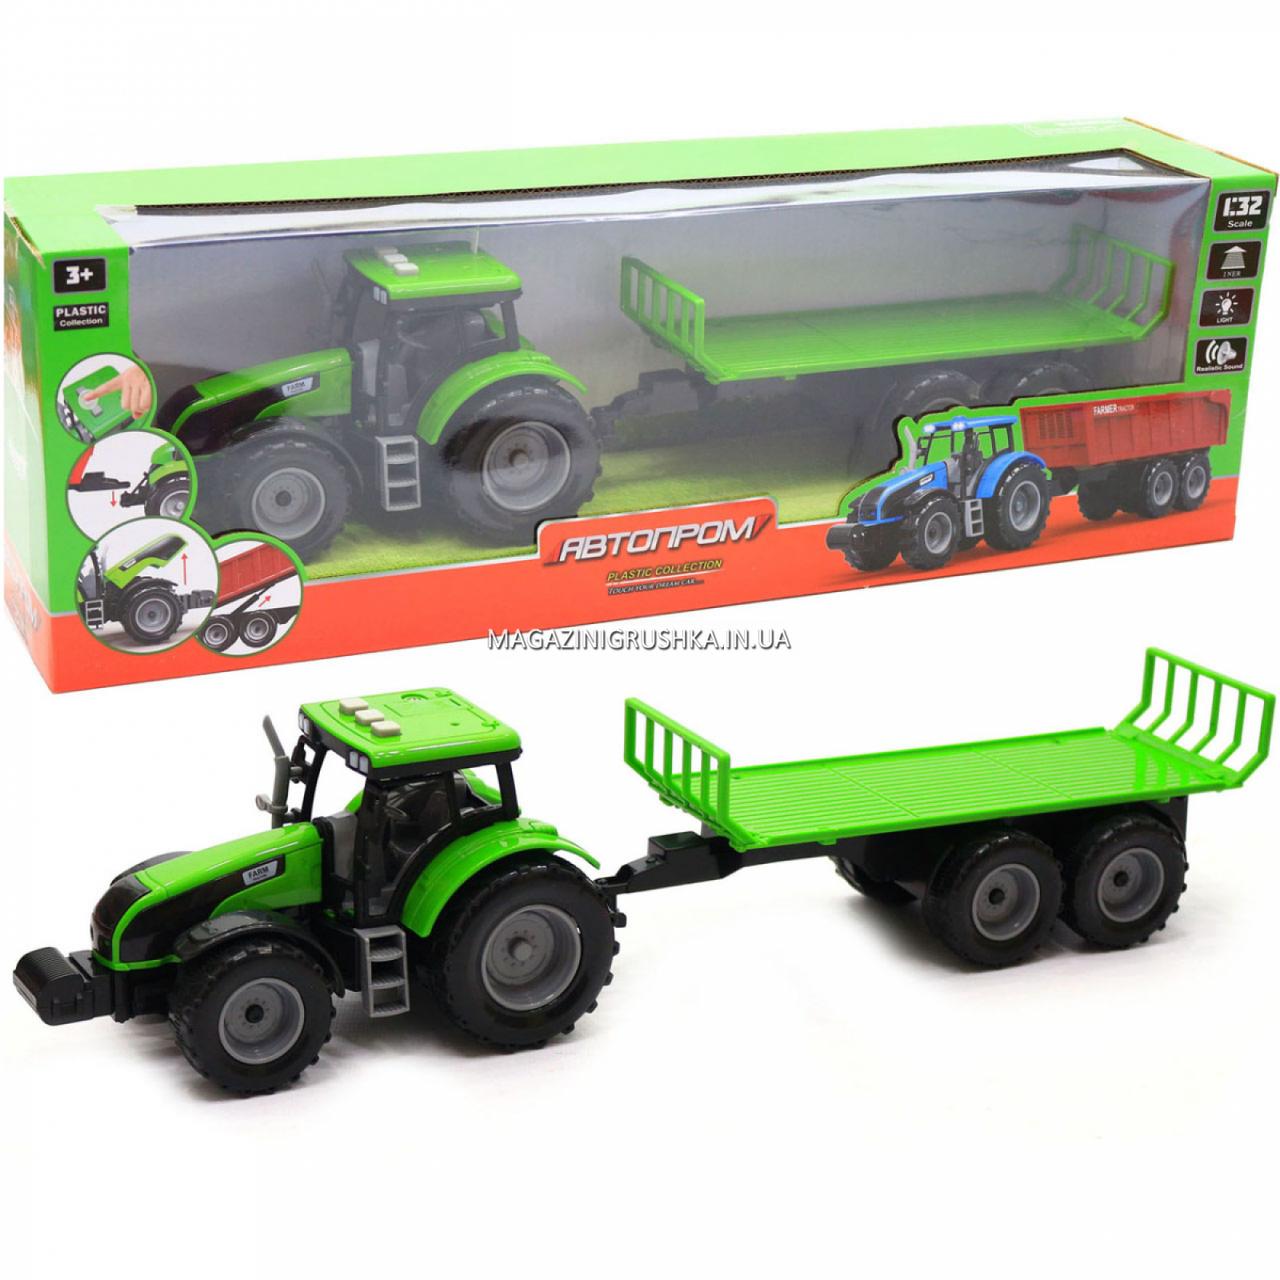 Машинка игровая автопром «Зеленый трактор с открытым прицепом» (свет, звук, пластик) 7925ABCD